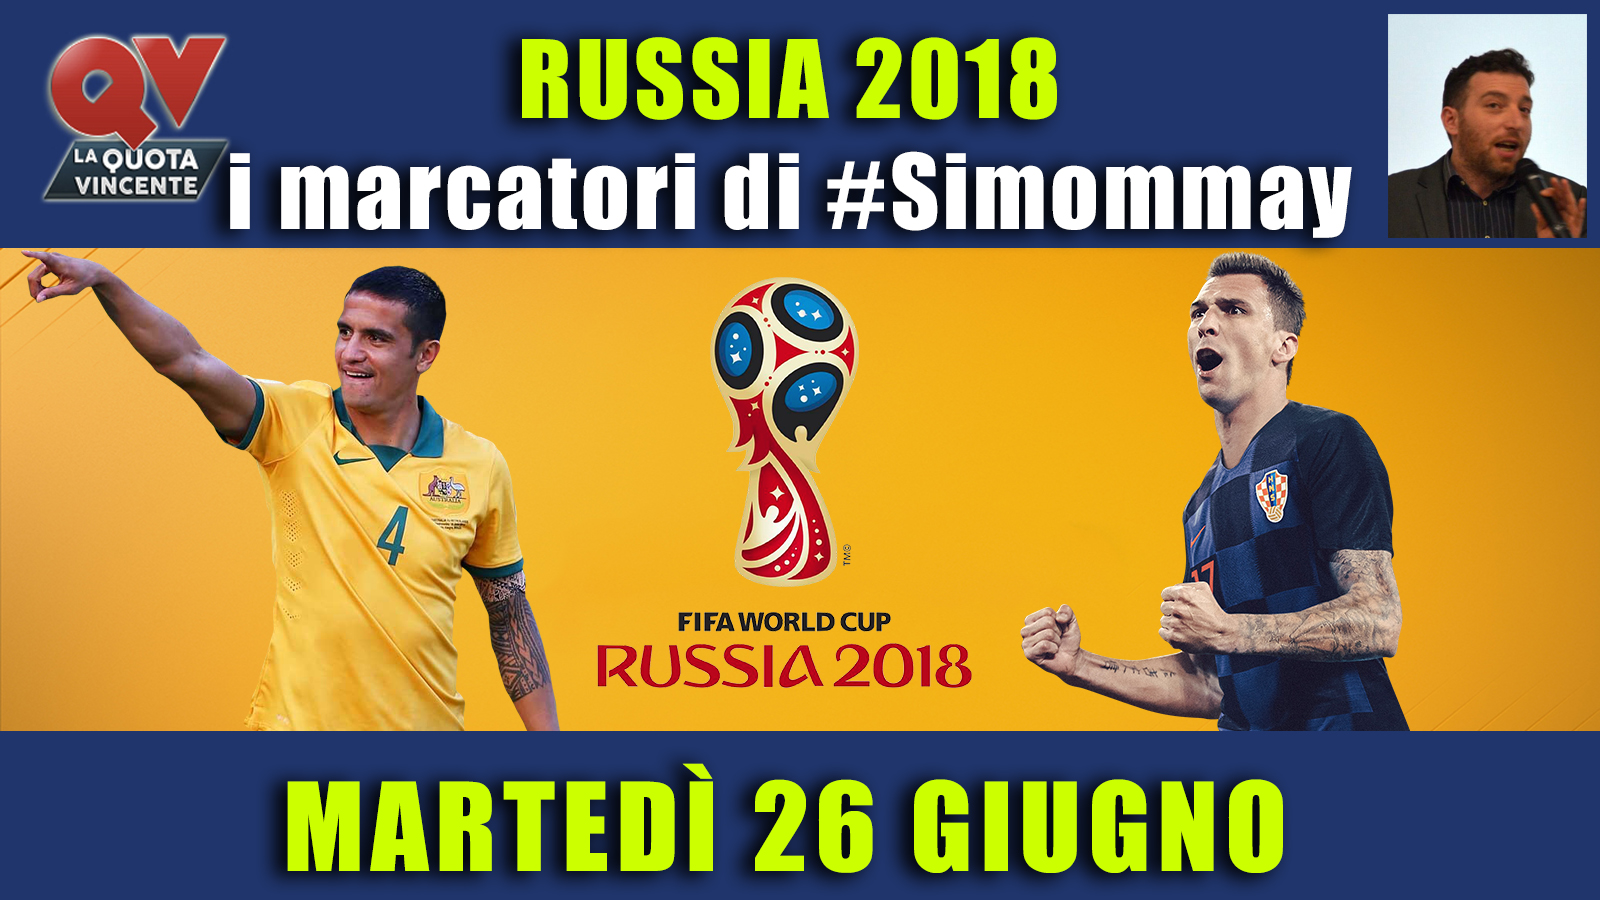 Pronostici marcatori Mondiali 26 giugno: i marcatori di #simommay